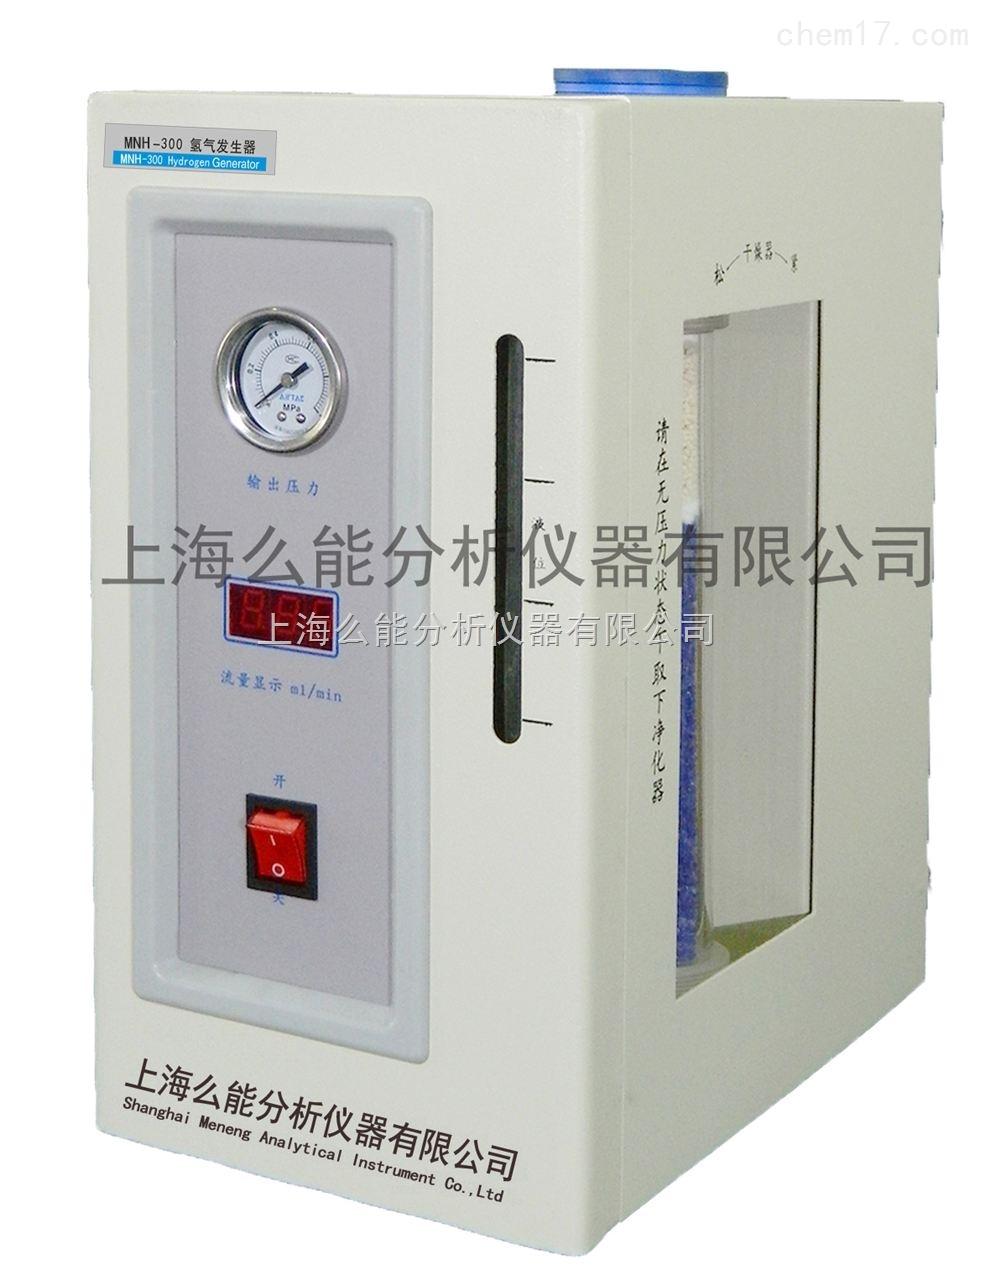 上海么能分析仪器有限公司